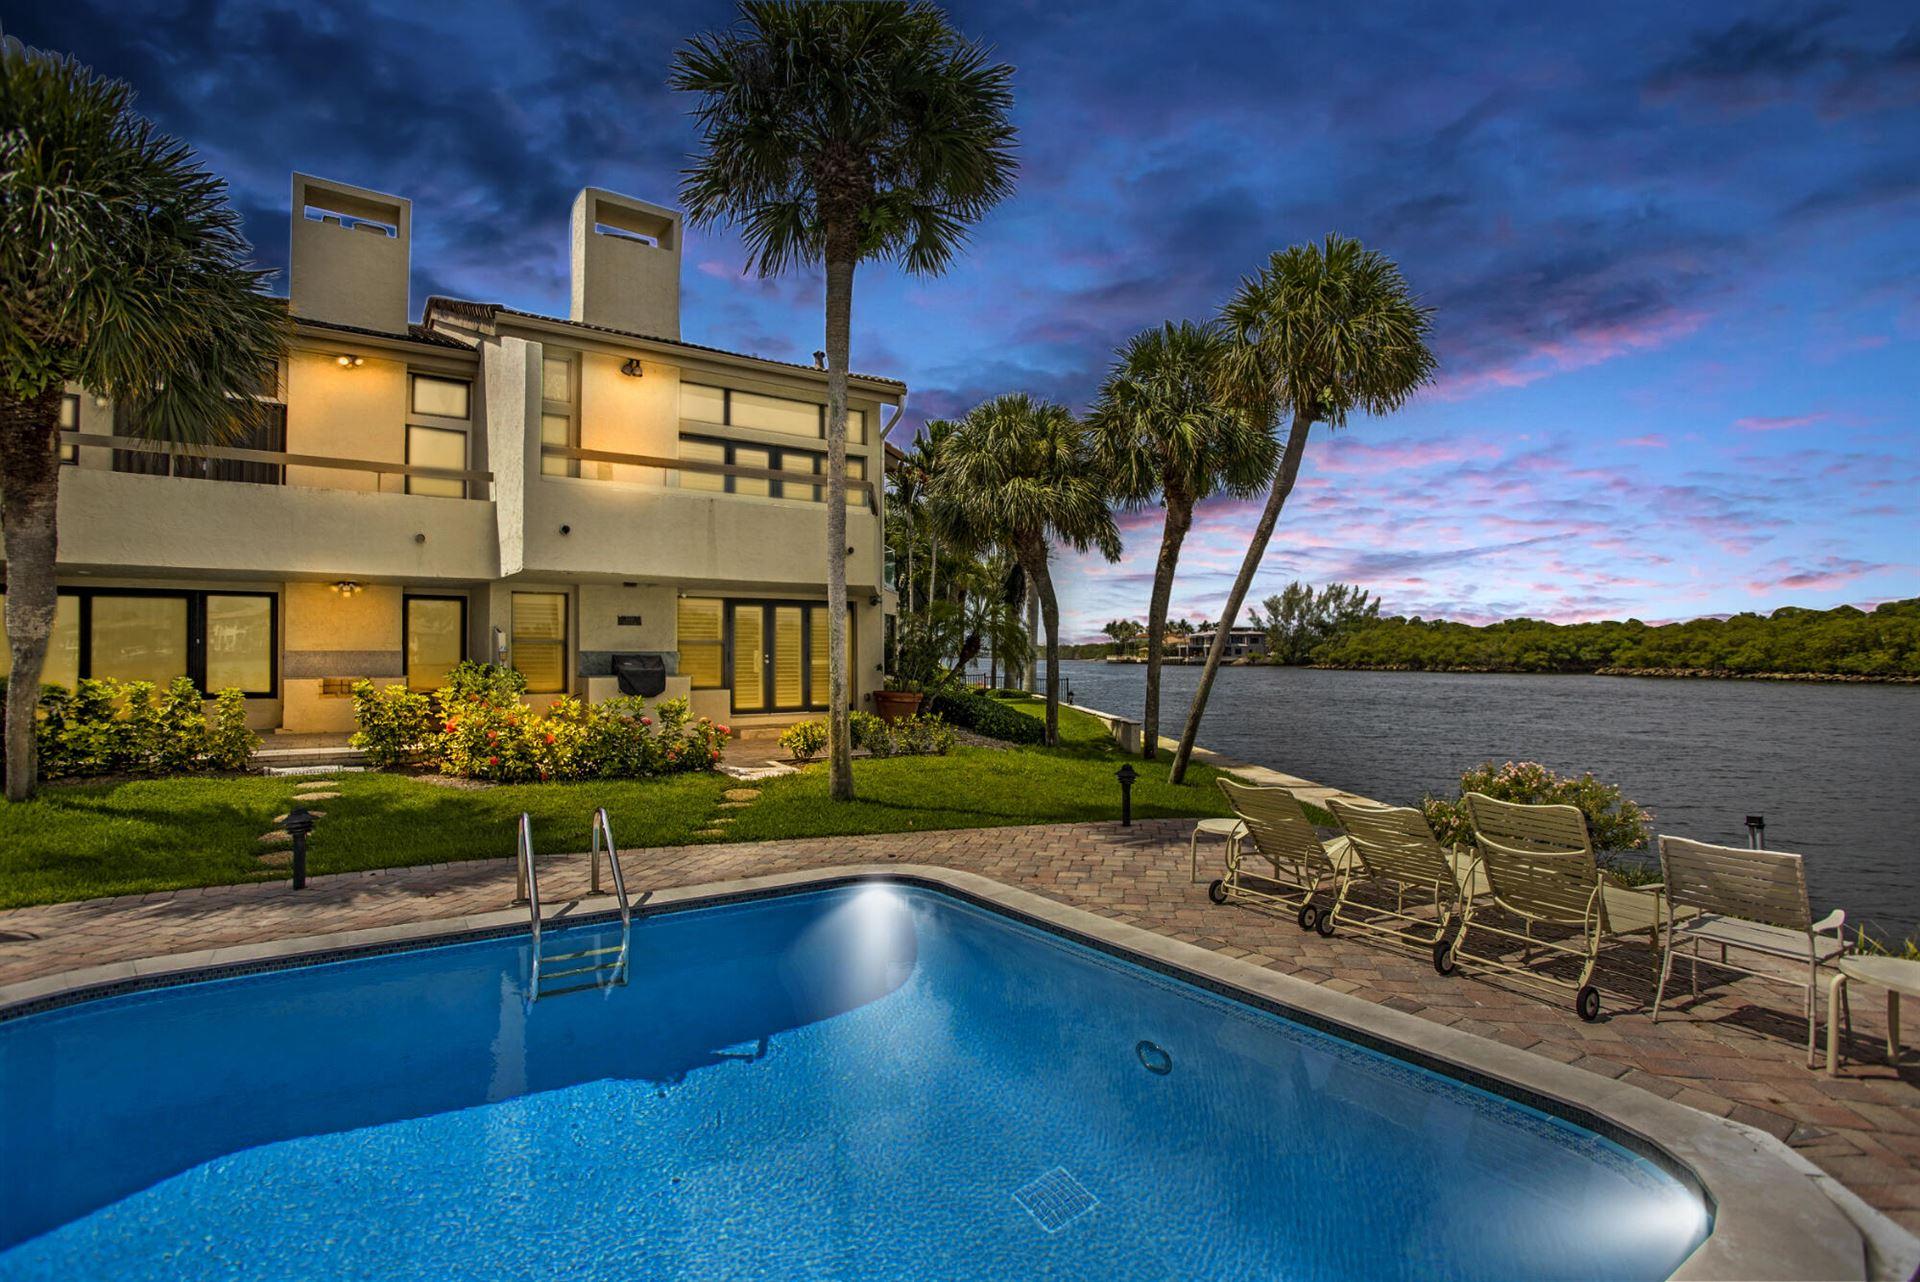 1001 Bel Air Drive #7, Highland Beach, FL 33487 - MLS#: RX-10734086